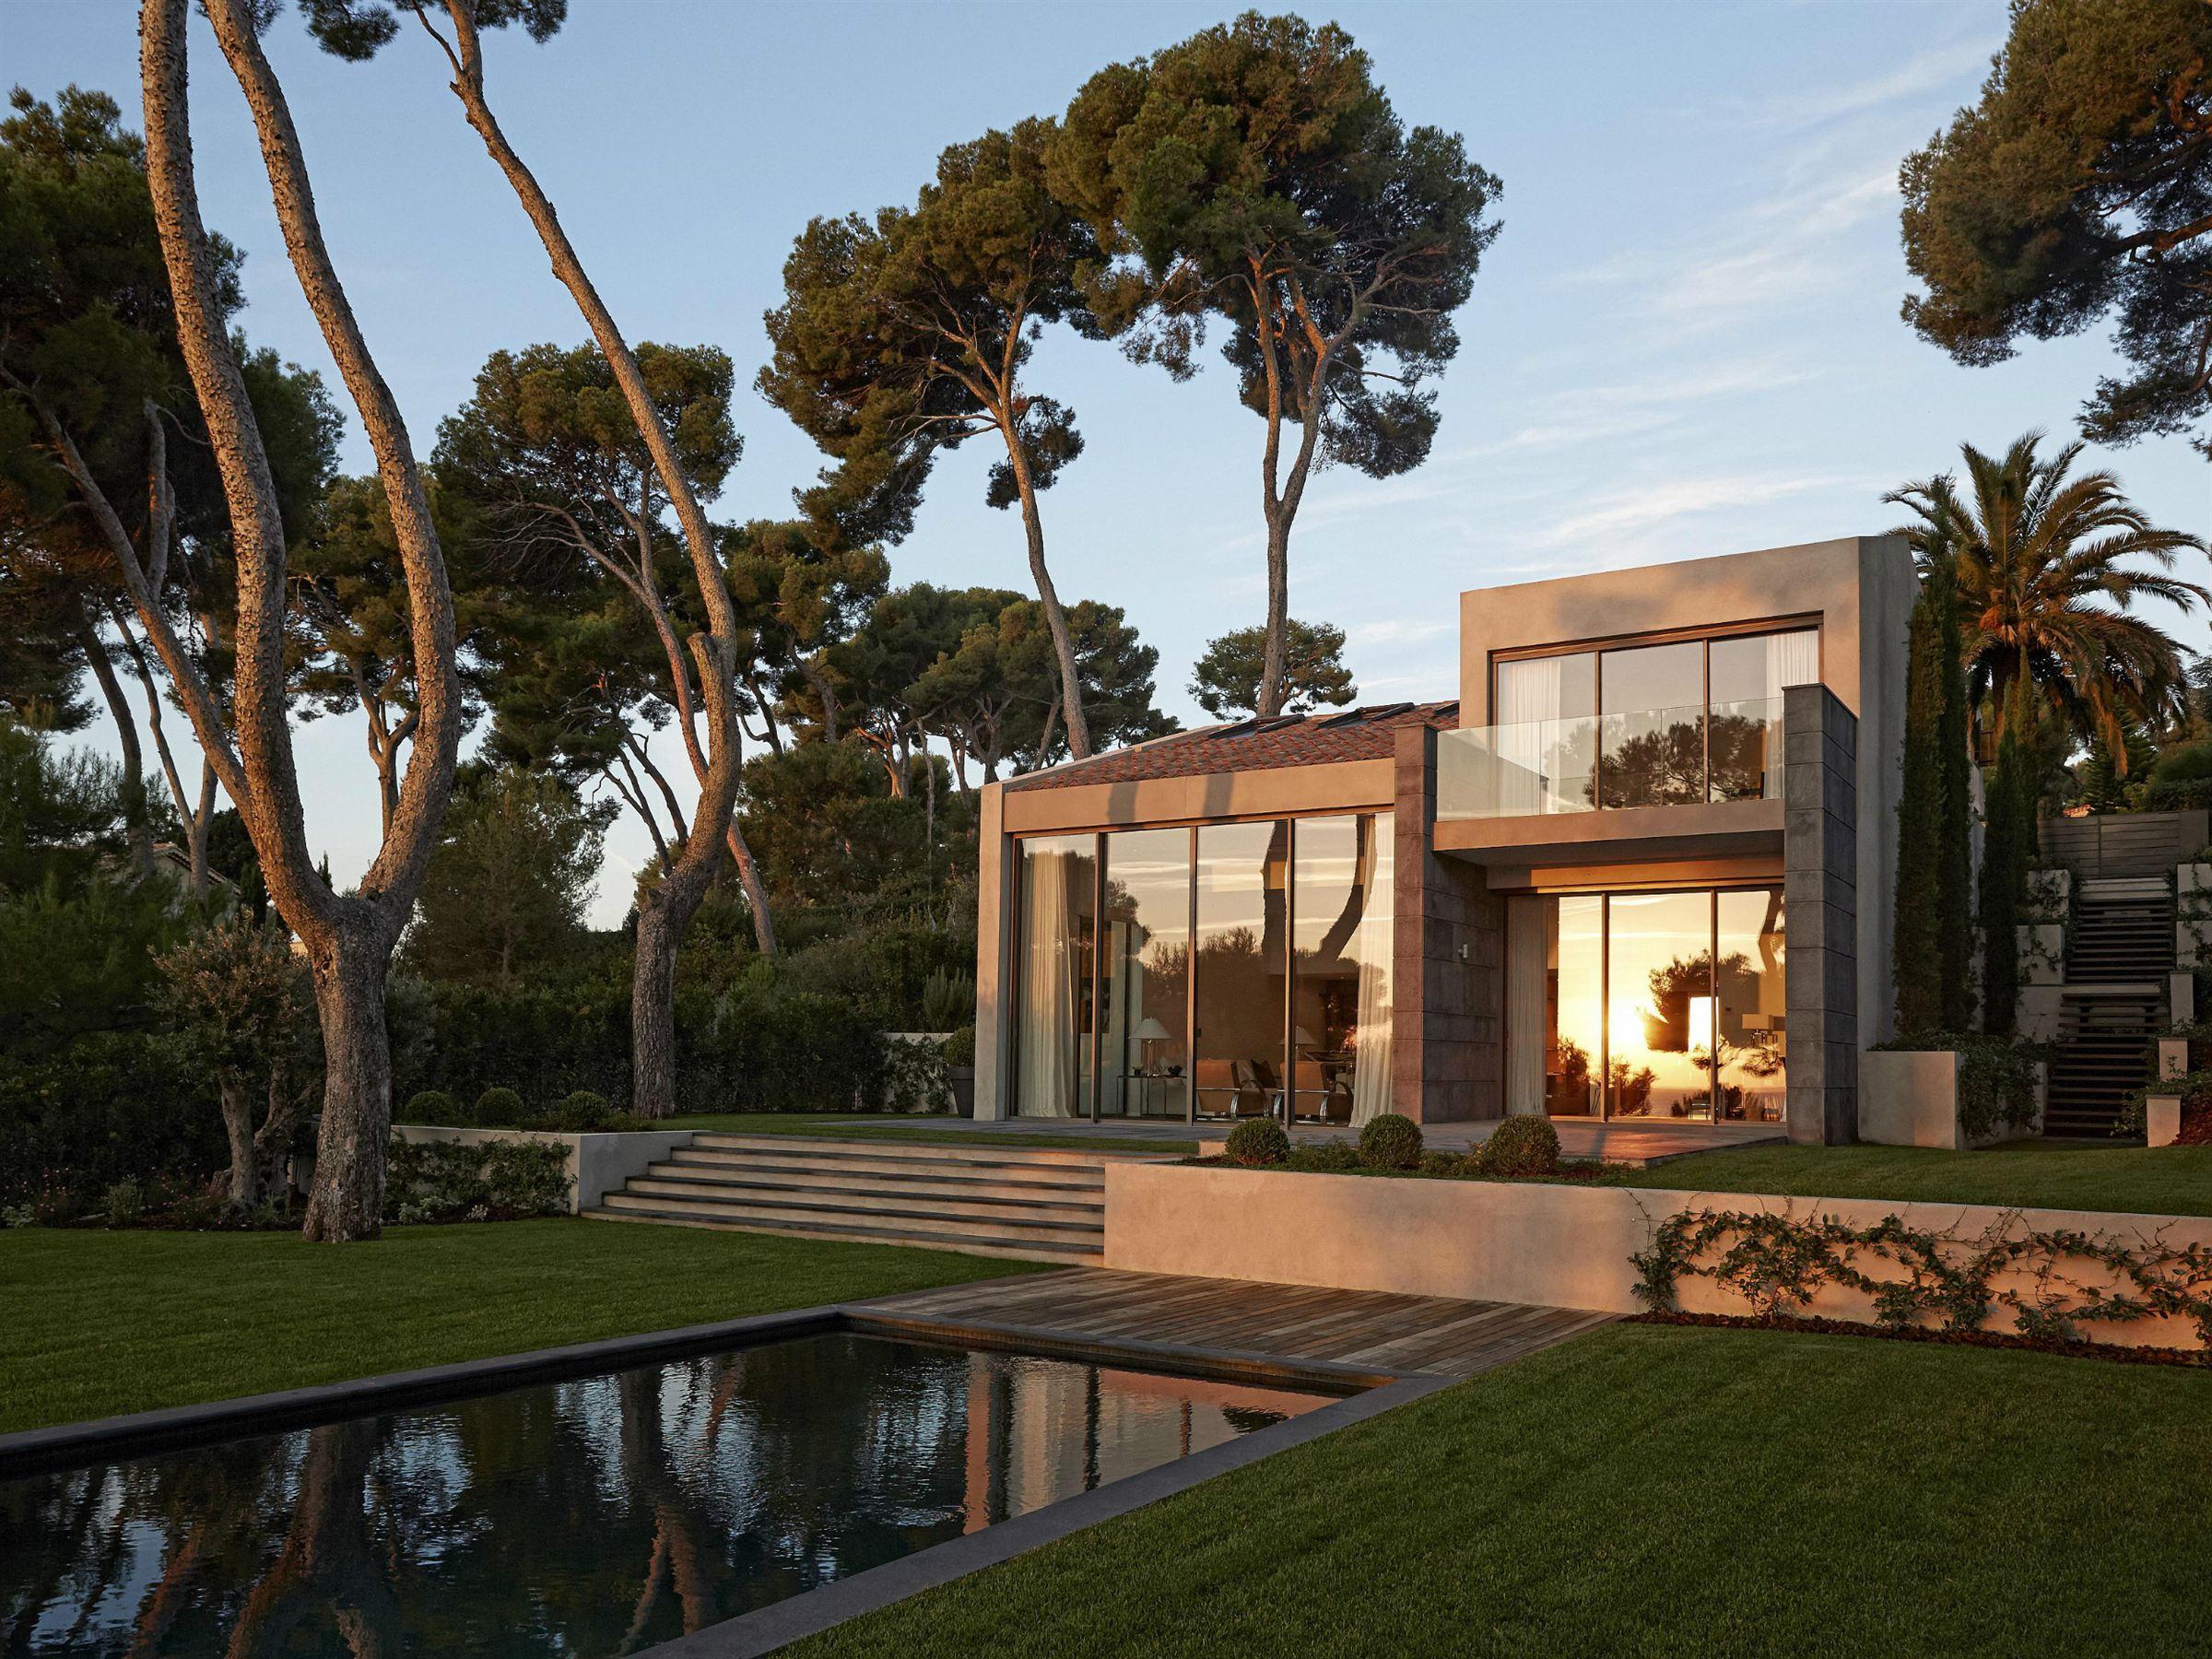 一戸建て のために 売買 アット Cap d'Antibes - newly built villa for sale Cap D'Antibes, プロバンス=アルプ=コート・ダジュール 06160 フランス